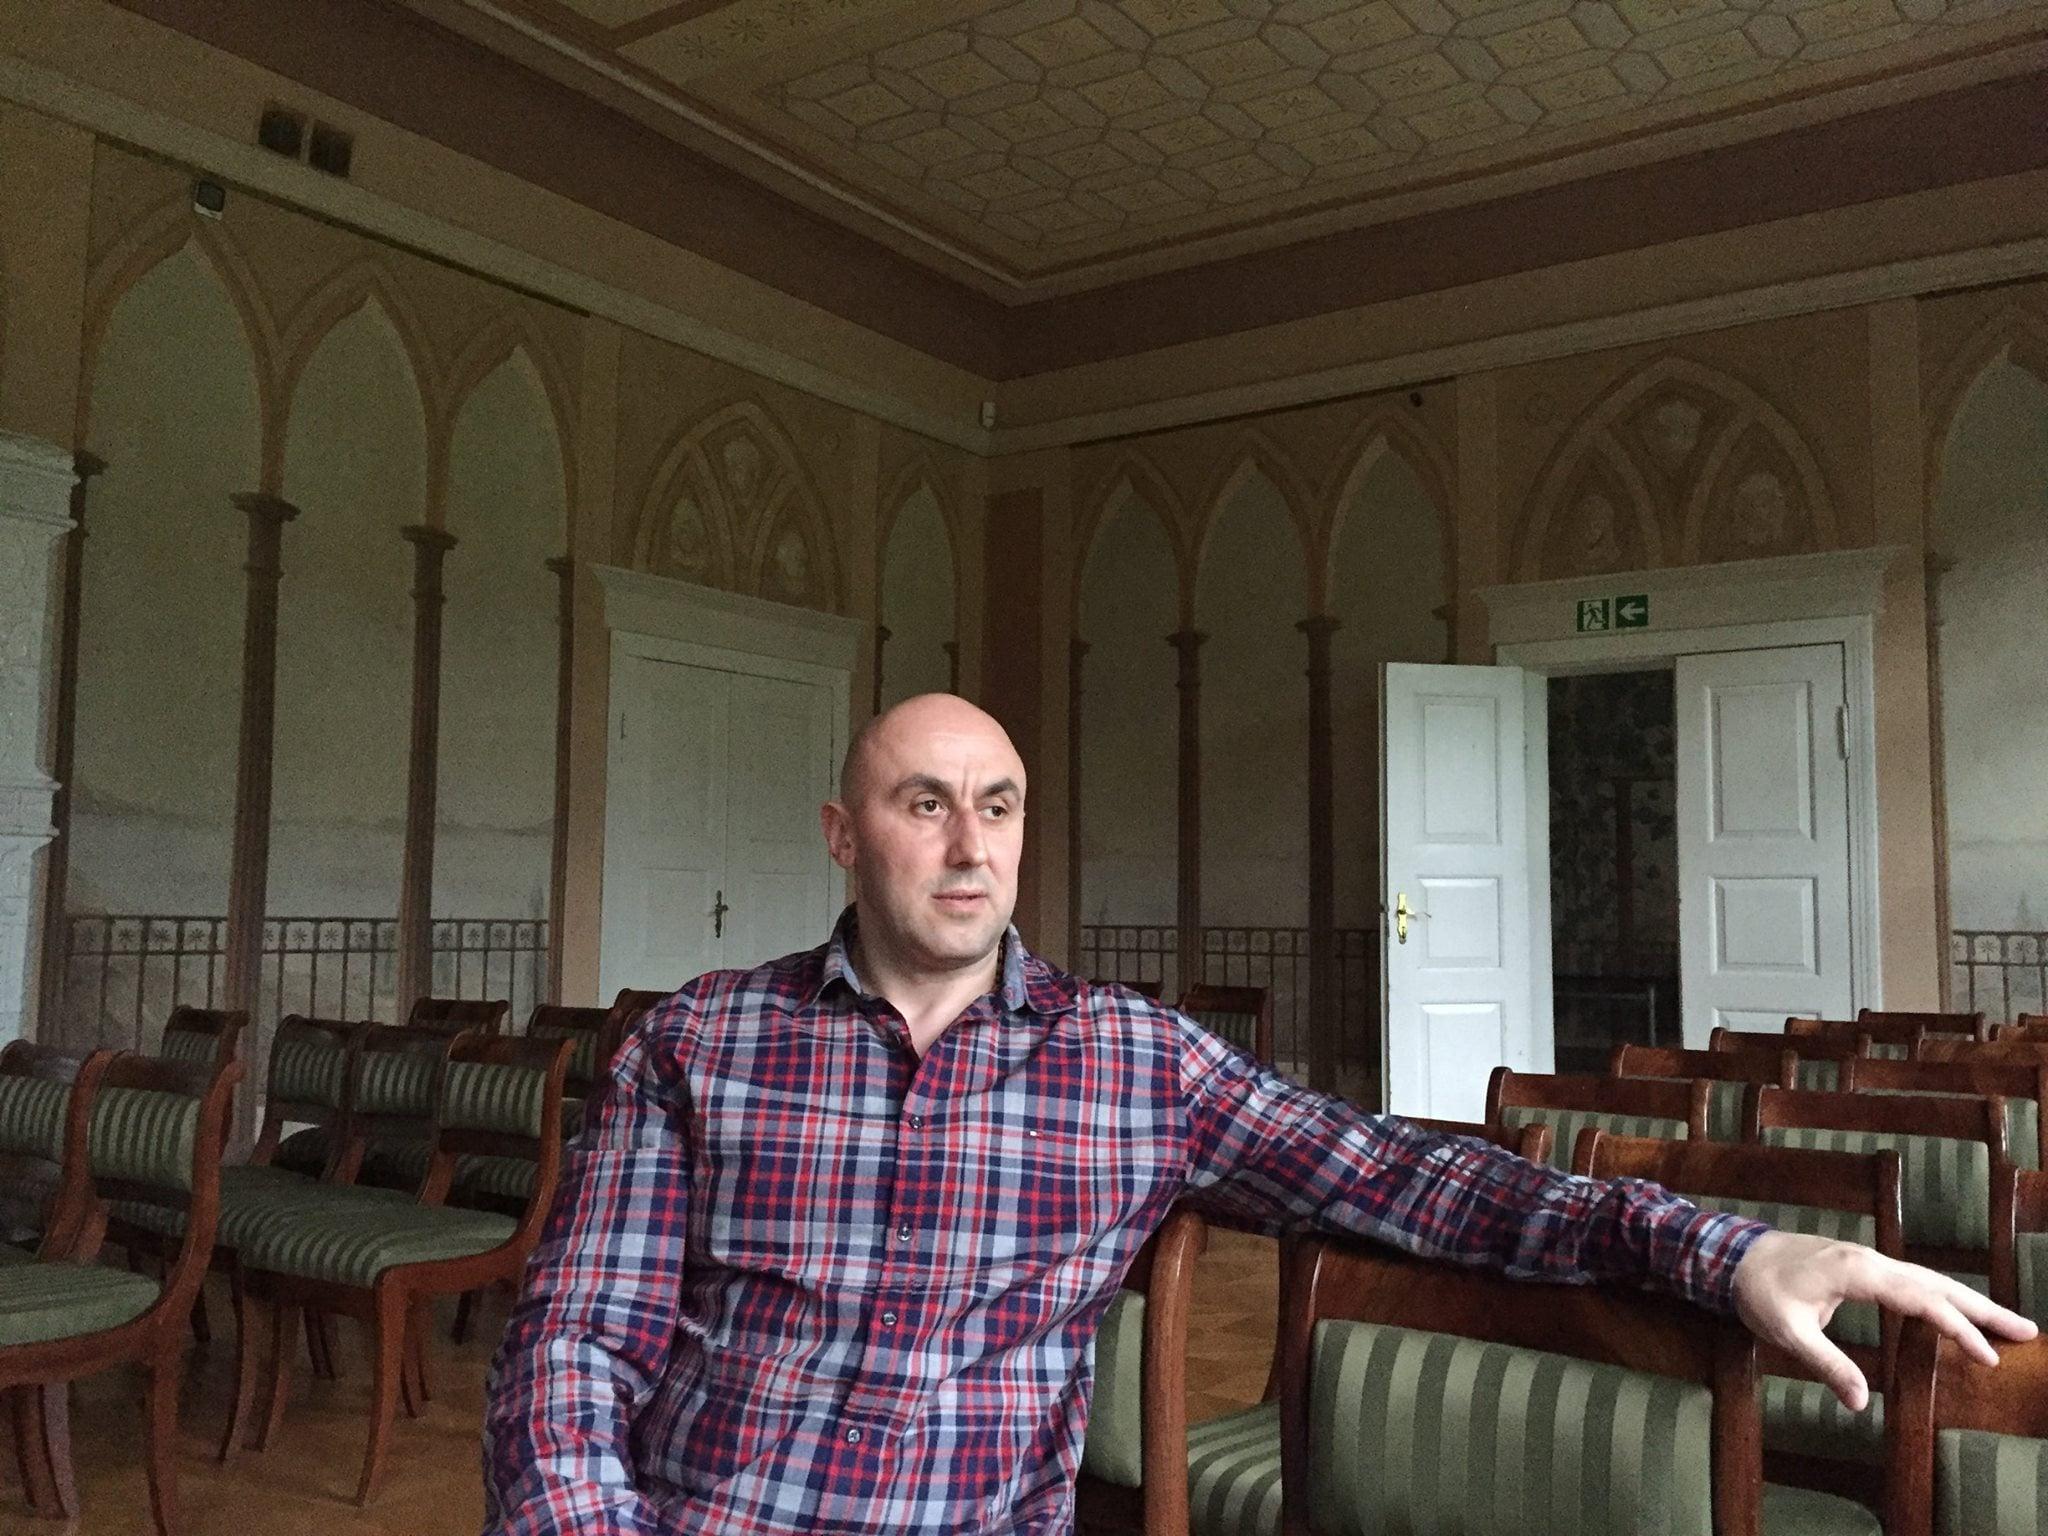 Fot. arch. Paweł Cwynar